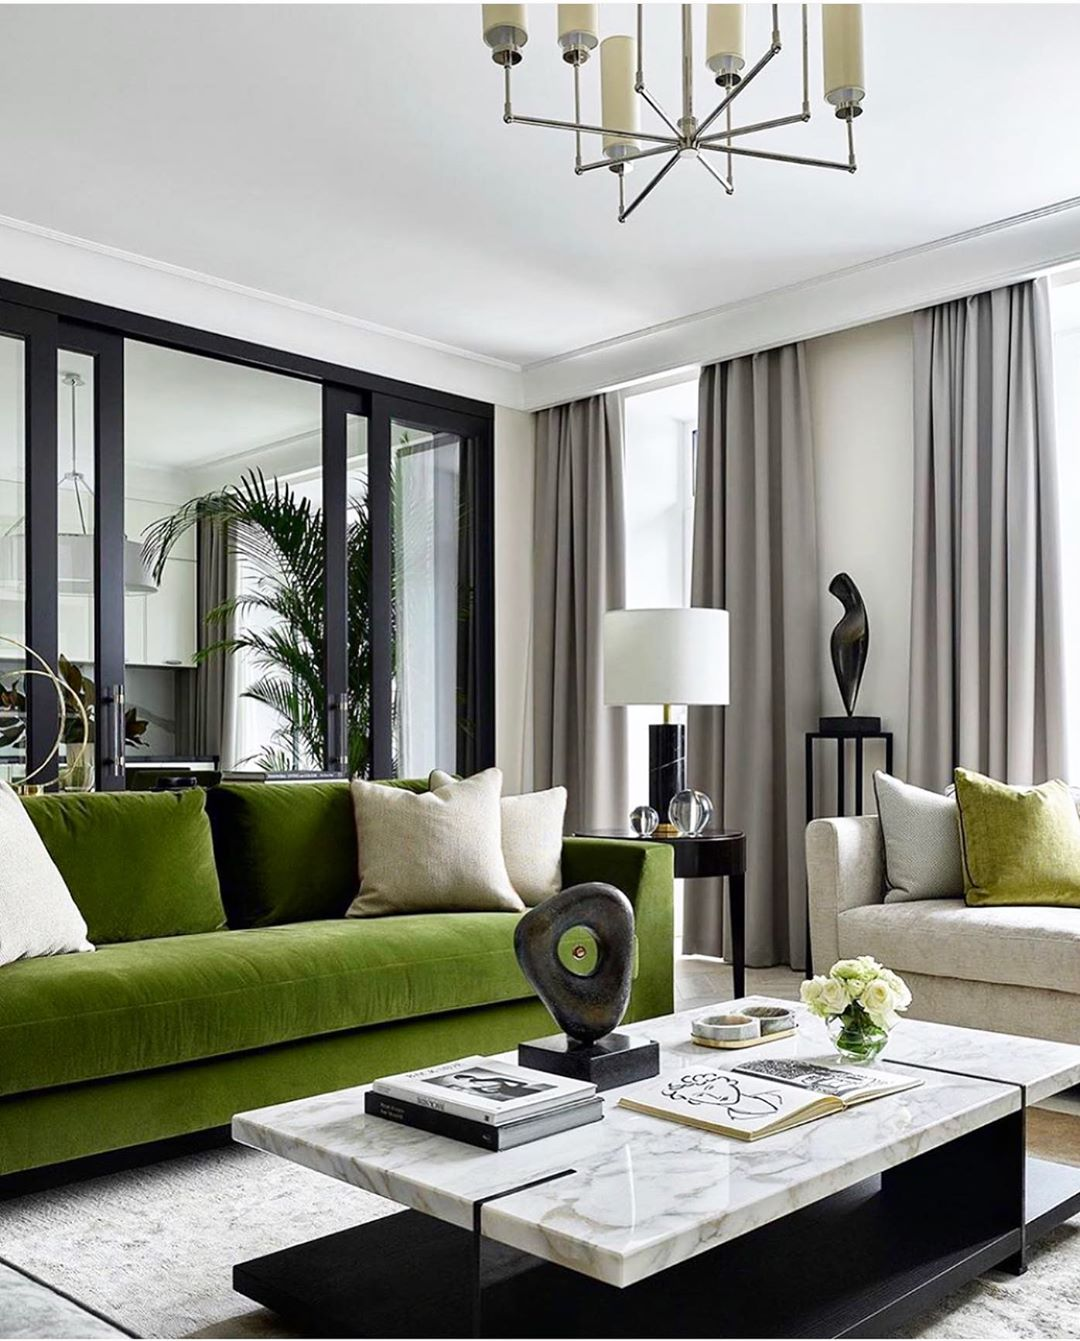 canapé vert en décoration